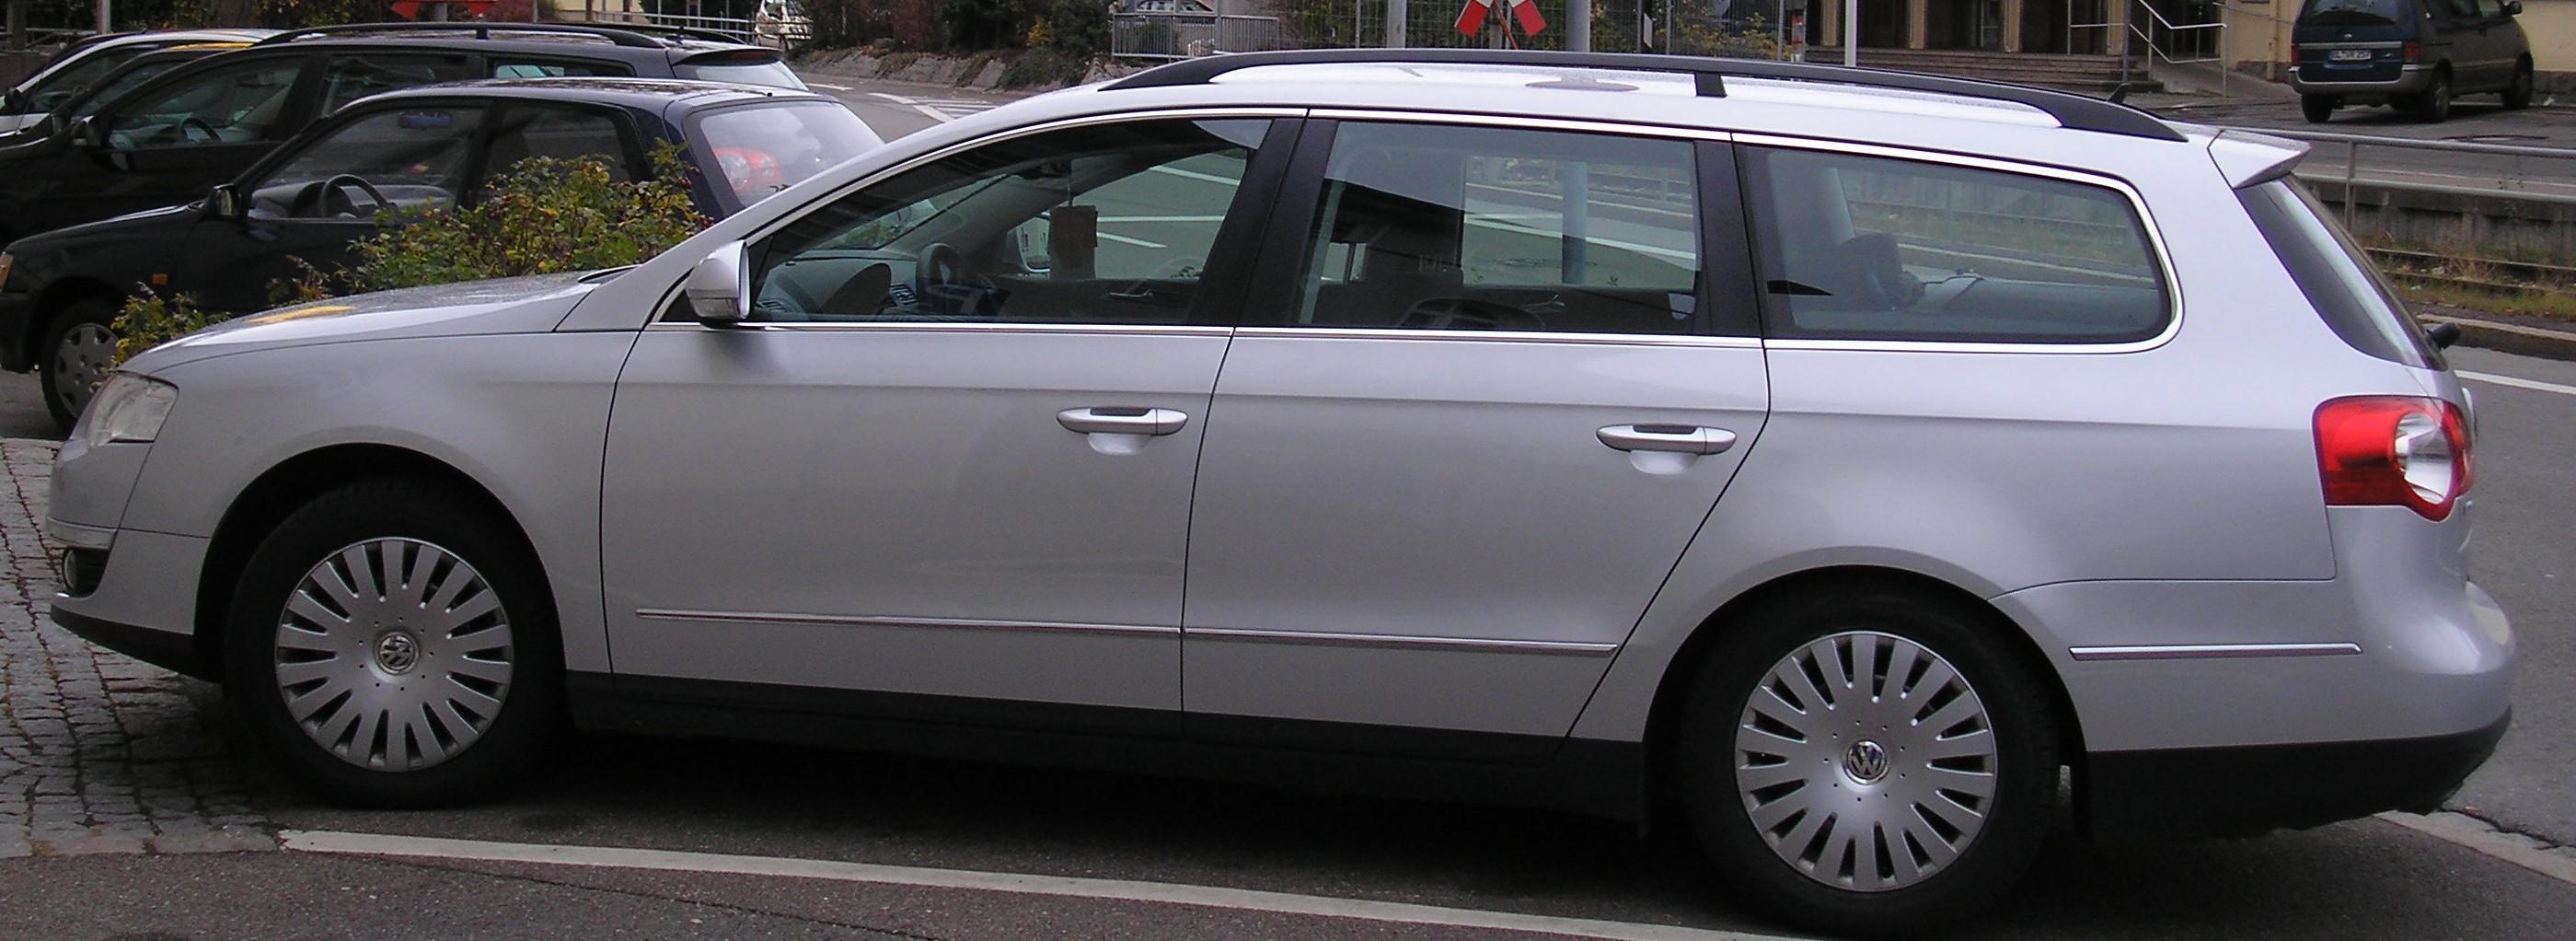 Volkswagen Passat B6 Variant (2005)